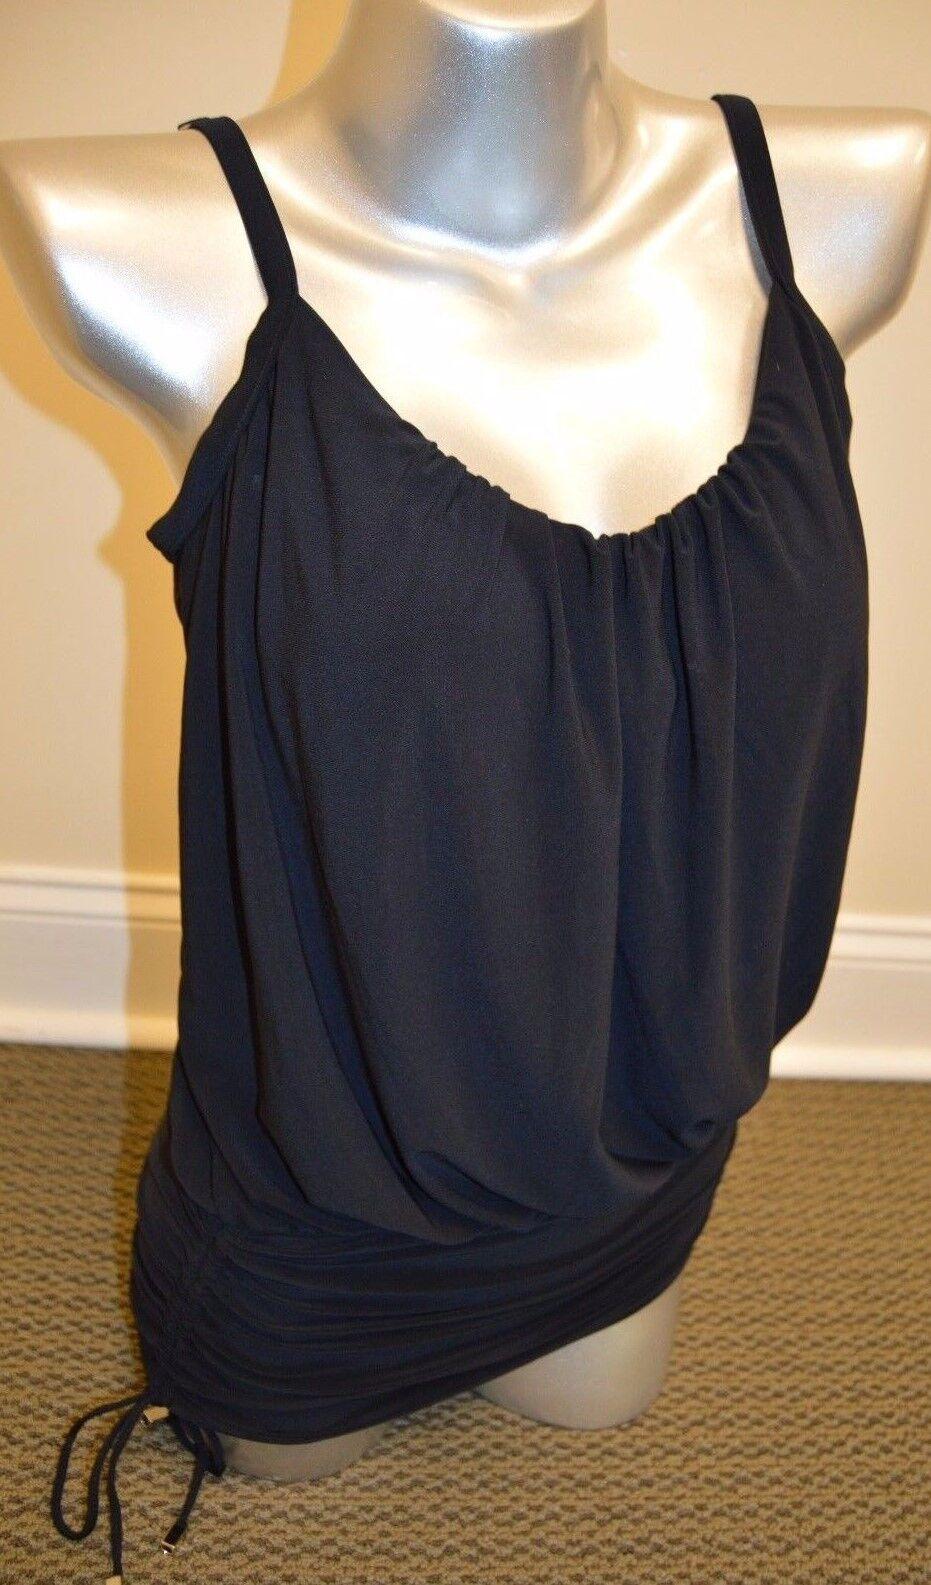 198 VICTORIA'S SECRET MAGICSUIT MAGIC SUIT BLOUSON SWIMSUIT DRESS SWIM SUIT 4